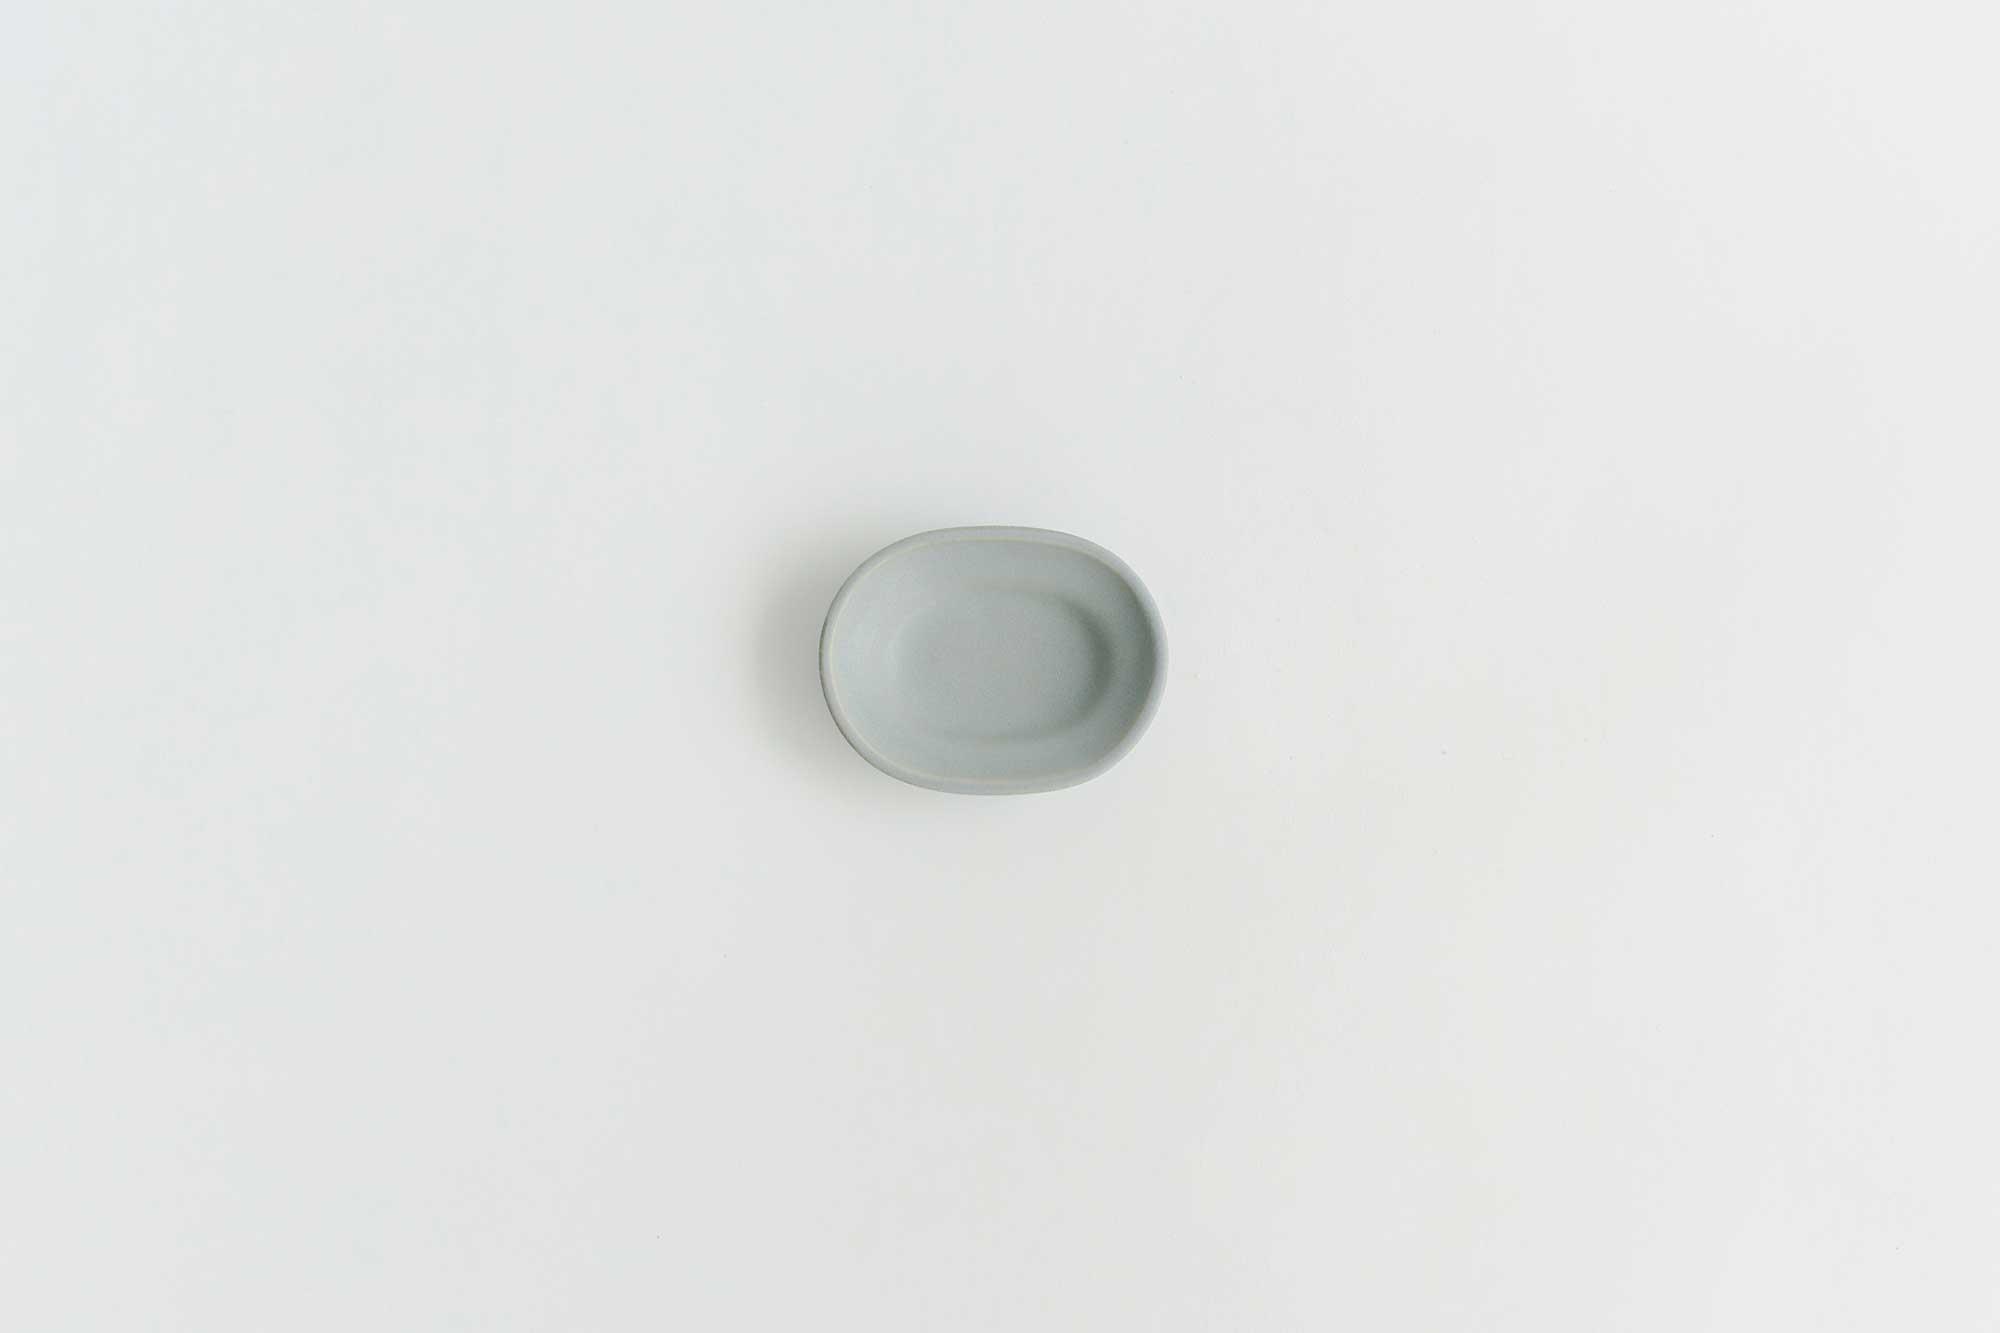 Awabi ware 楕円豆皿